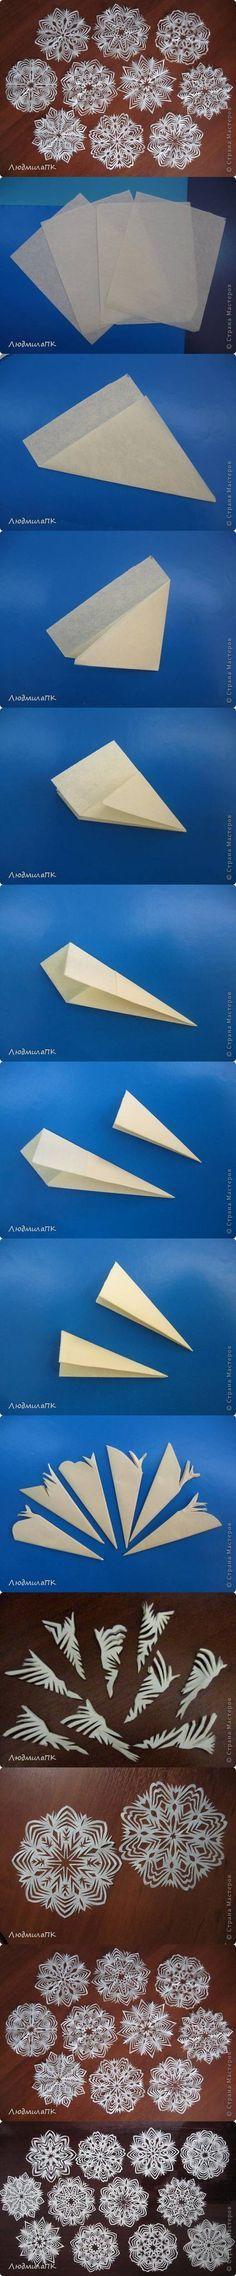 DIY Making Paper Snowflake Method